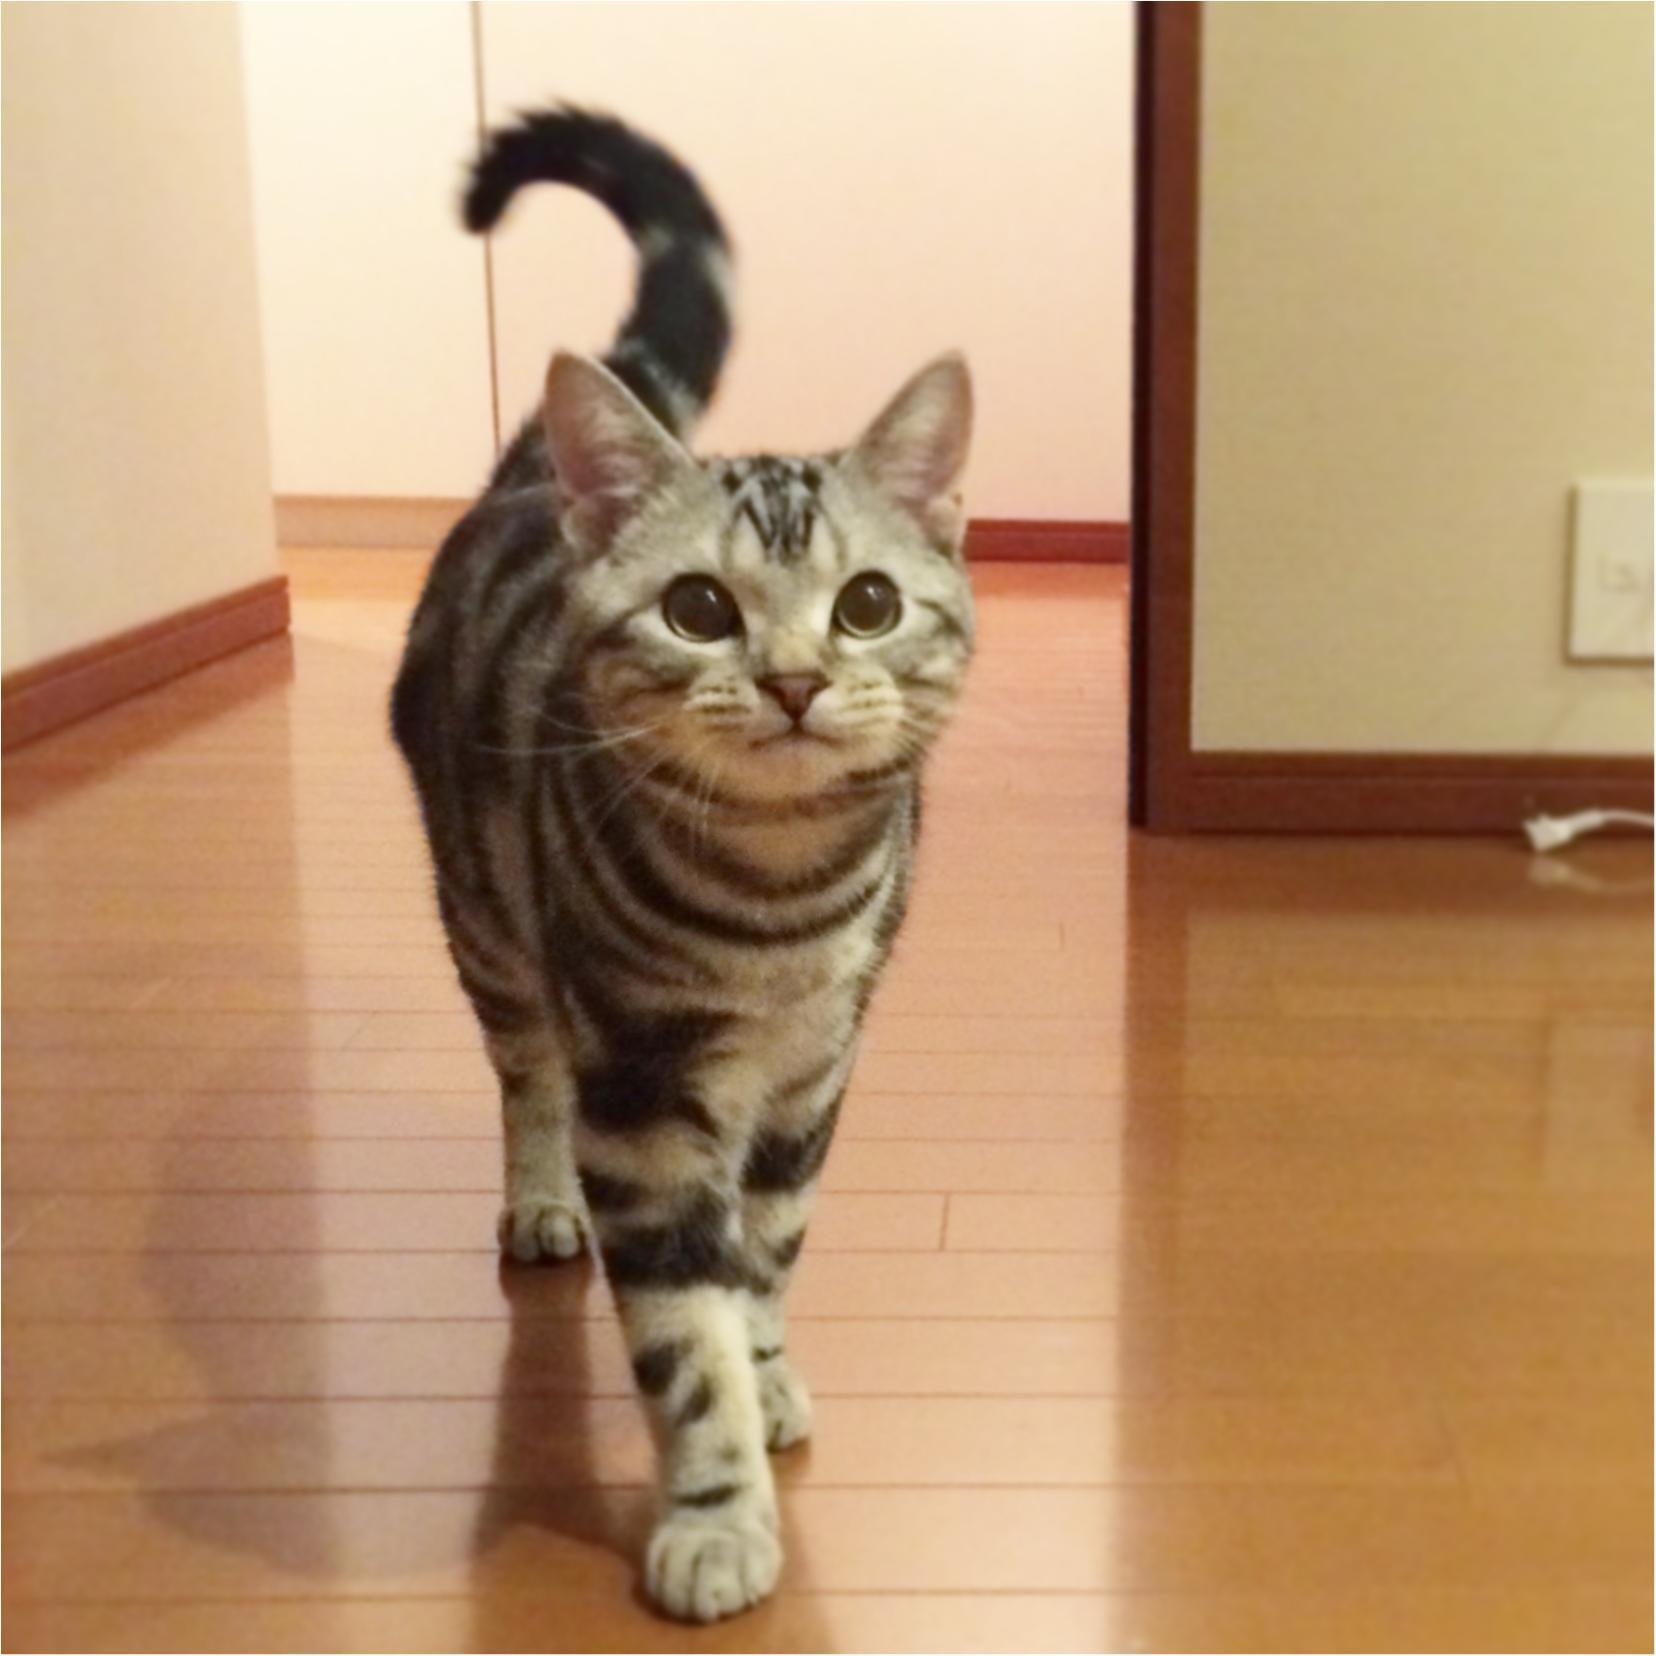 【今日のにゃんこ】尻尾がピンッ❤ 嬉しさが隠せないアランくんの巻_1